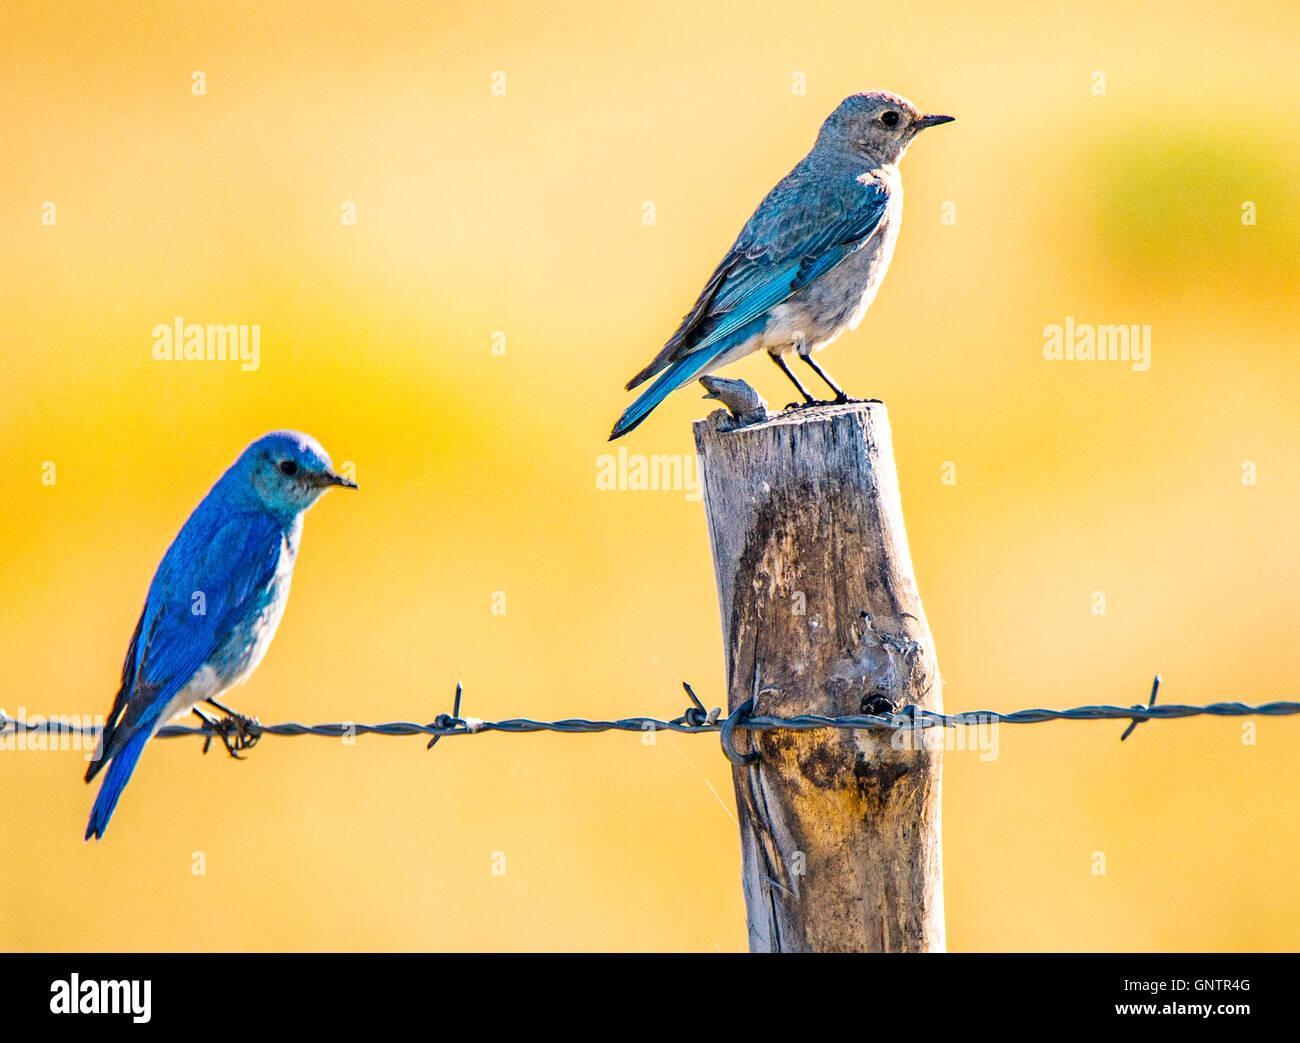 Macho y Hembra Blue Birds montaña encaramado en poste de cerca. Las aves del Estado de Idaho, Idaho, EE.UU. Imagen De Stock